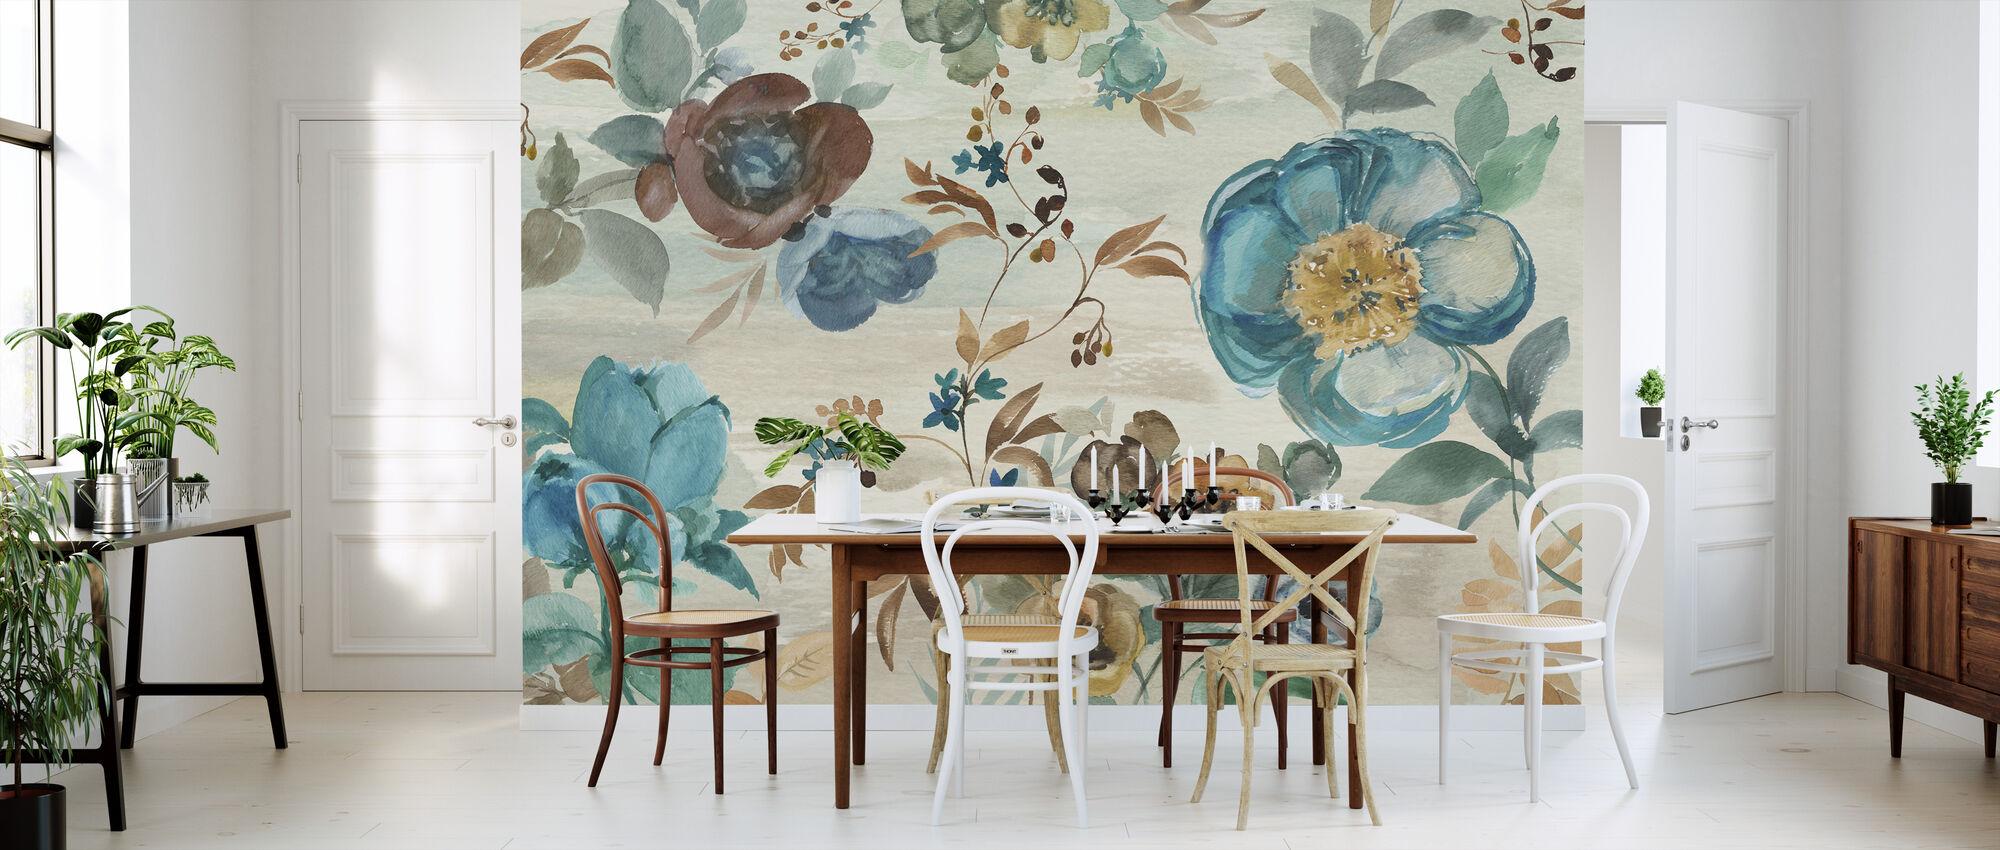 Turquoise Floral - Behang - Keuken